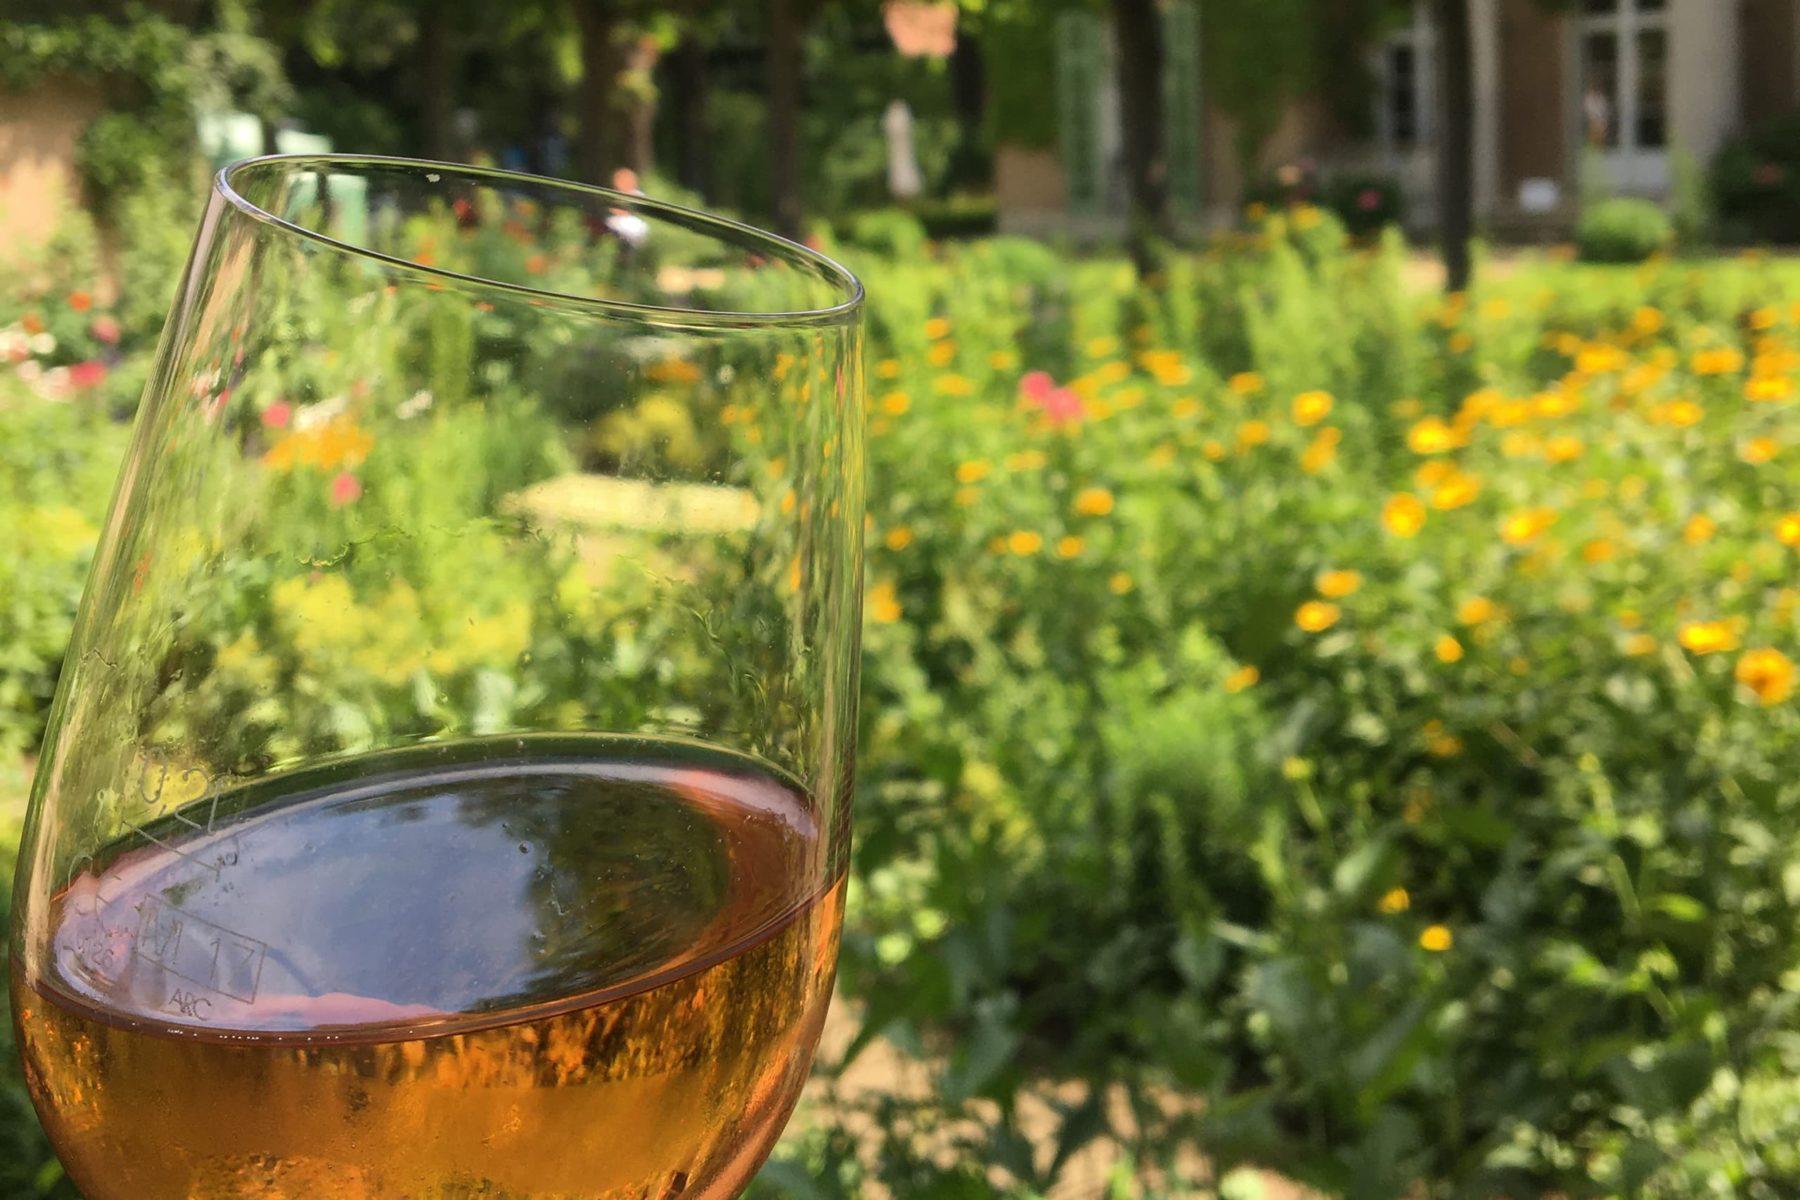 Weinglas mit Rosé in Nahansicht vor einem unscharfen Gartenhintergrund.